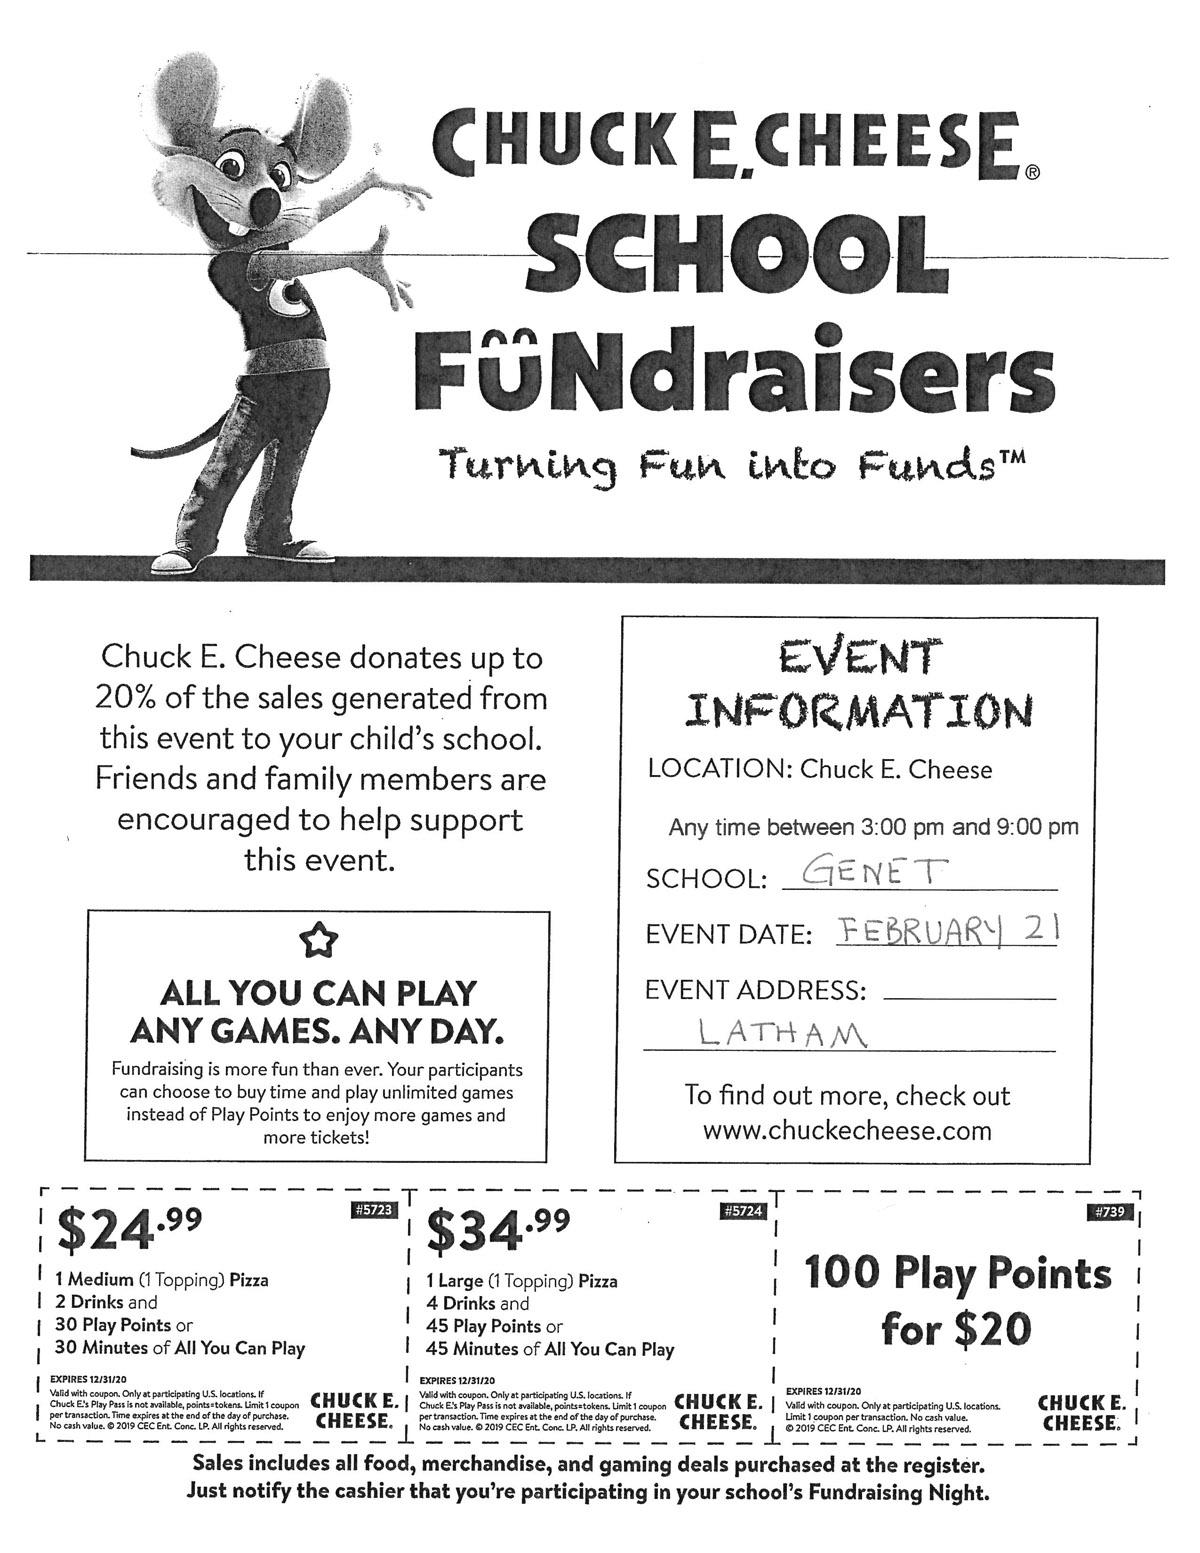 Chuck E Cheese Fundraiser flyer